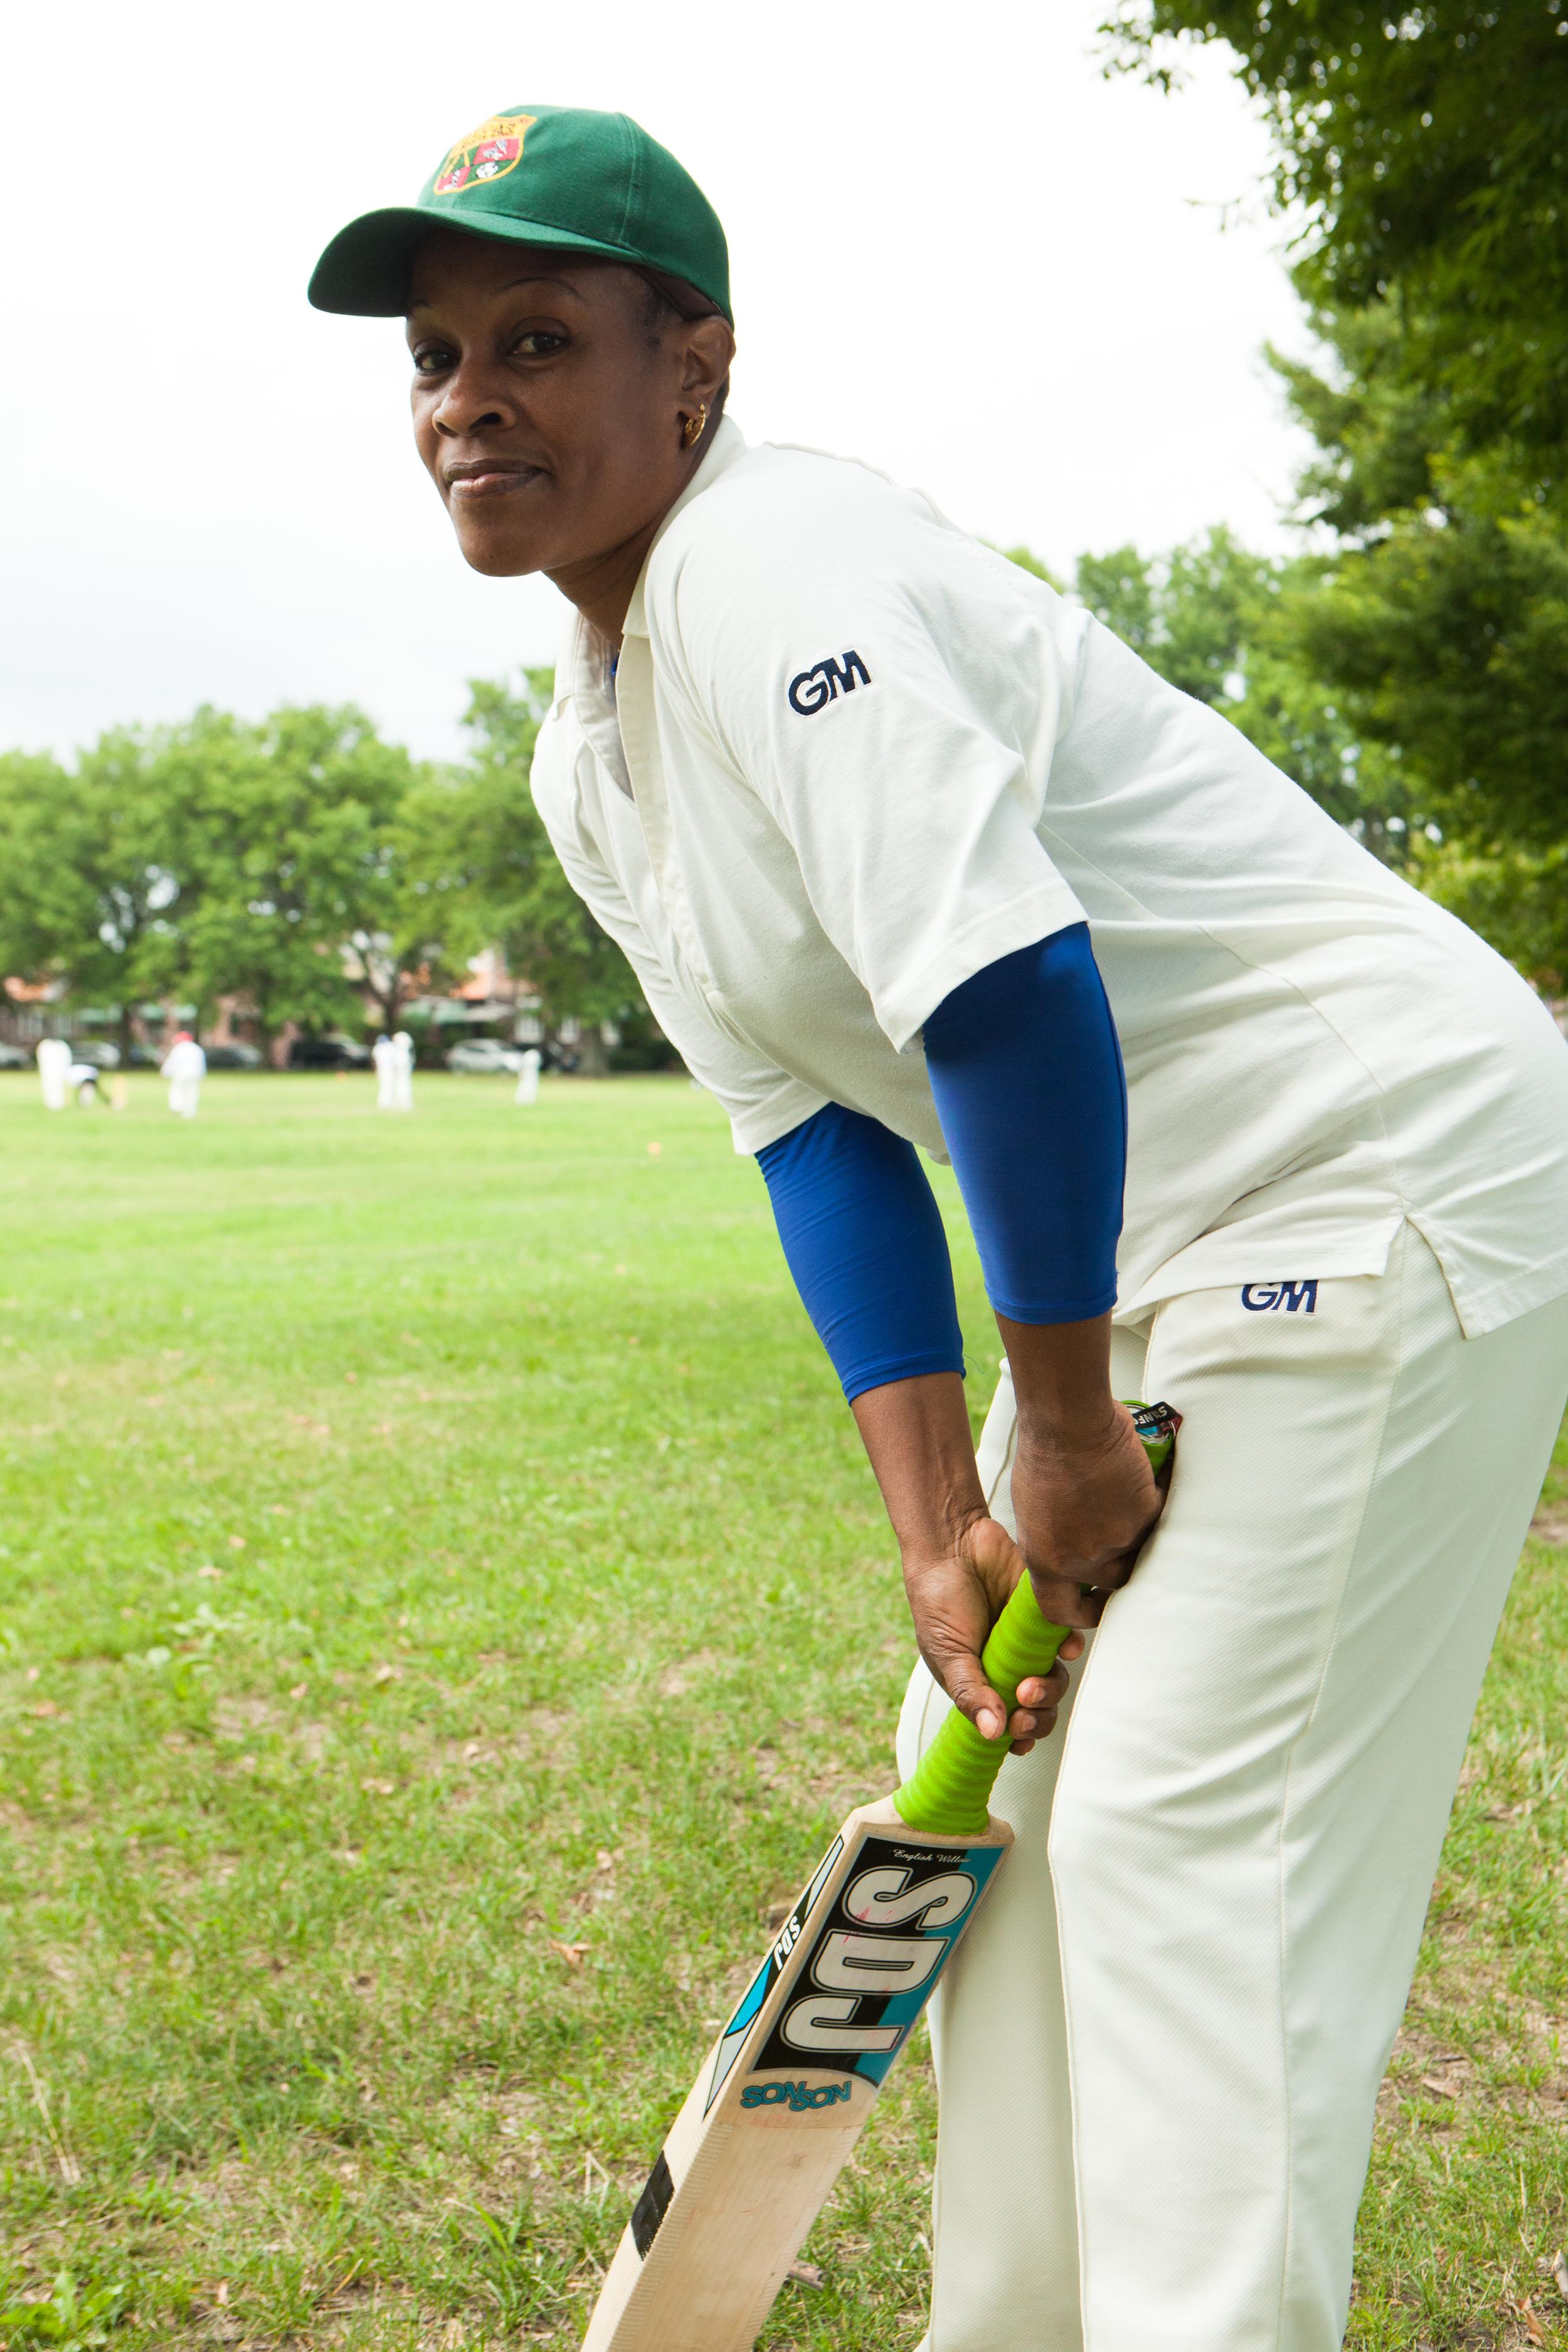 BKLYNR-Cricket-JasonBergman-008.jpg